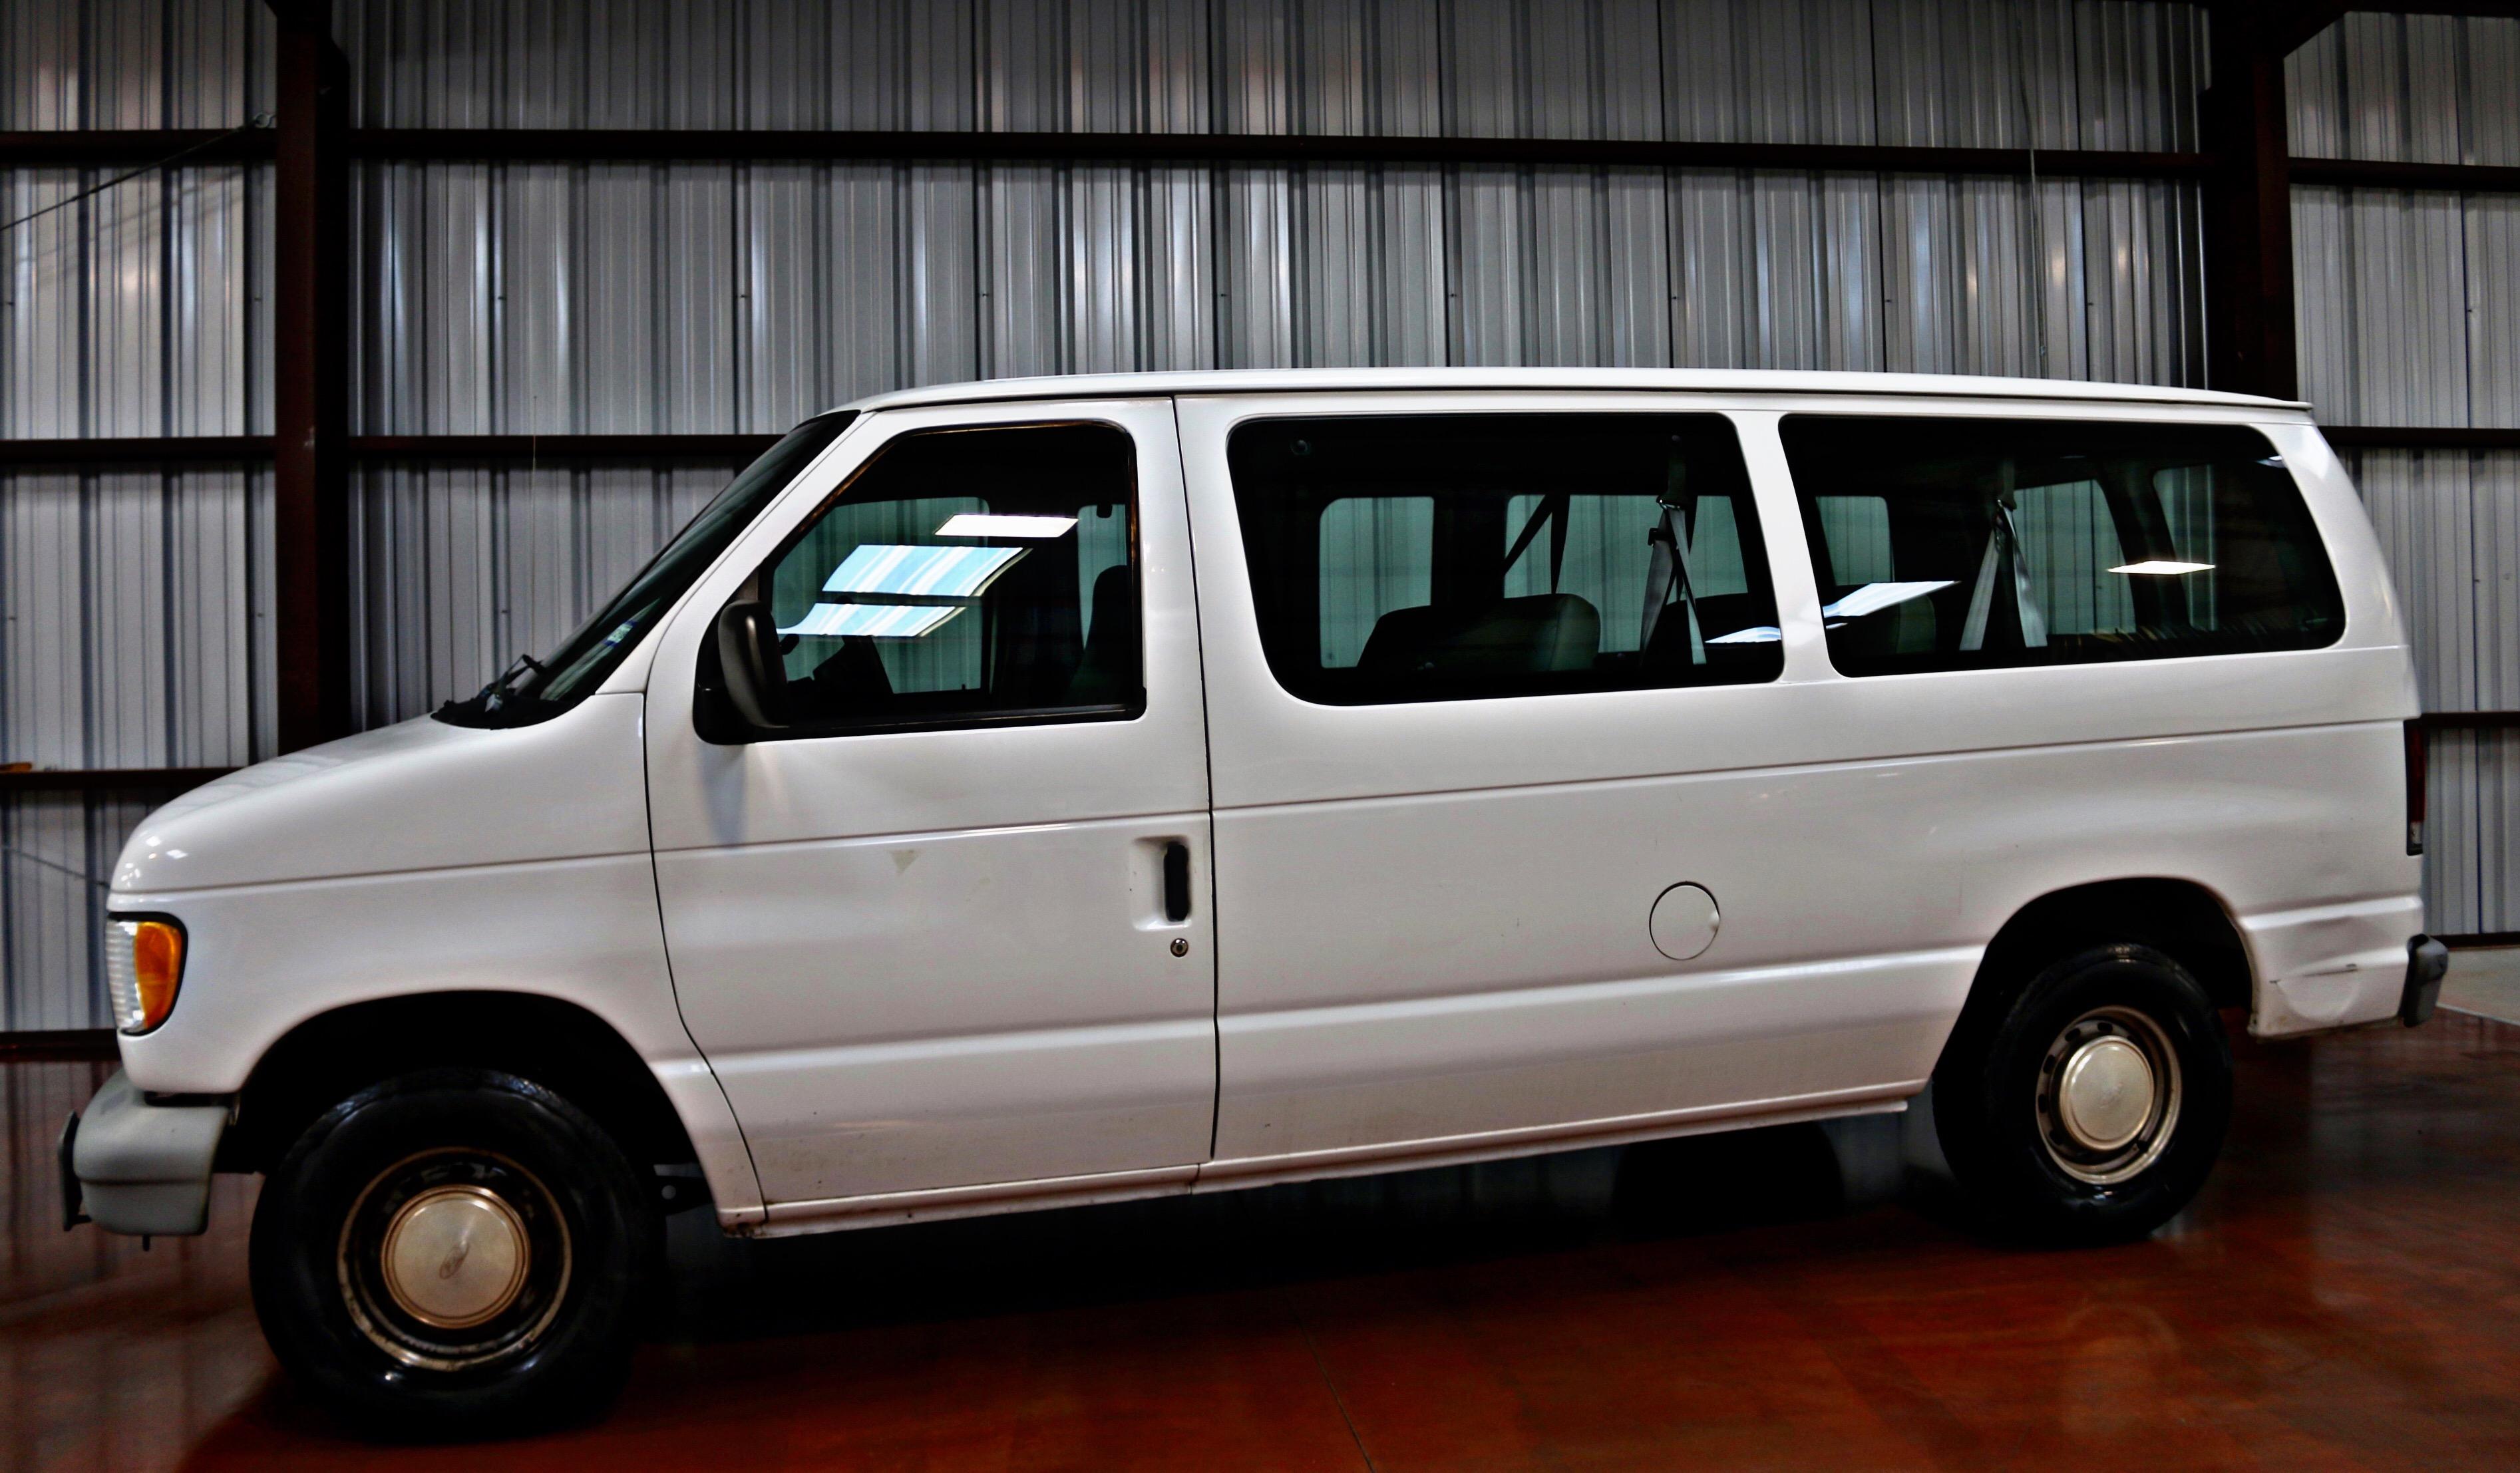 Used 2000 Ford Econoline Van